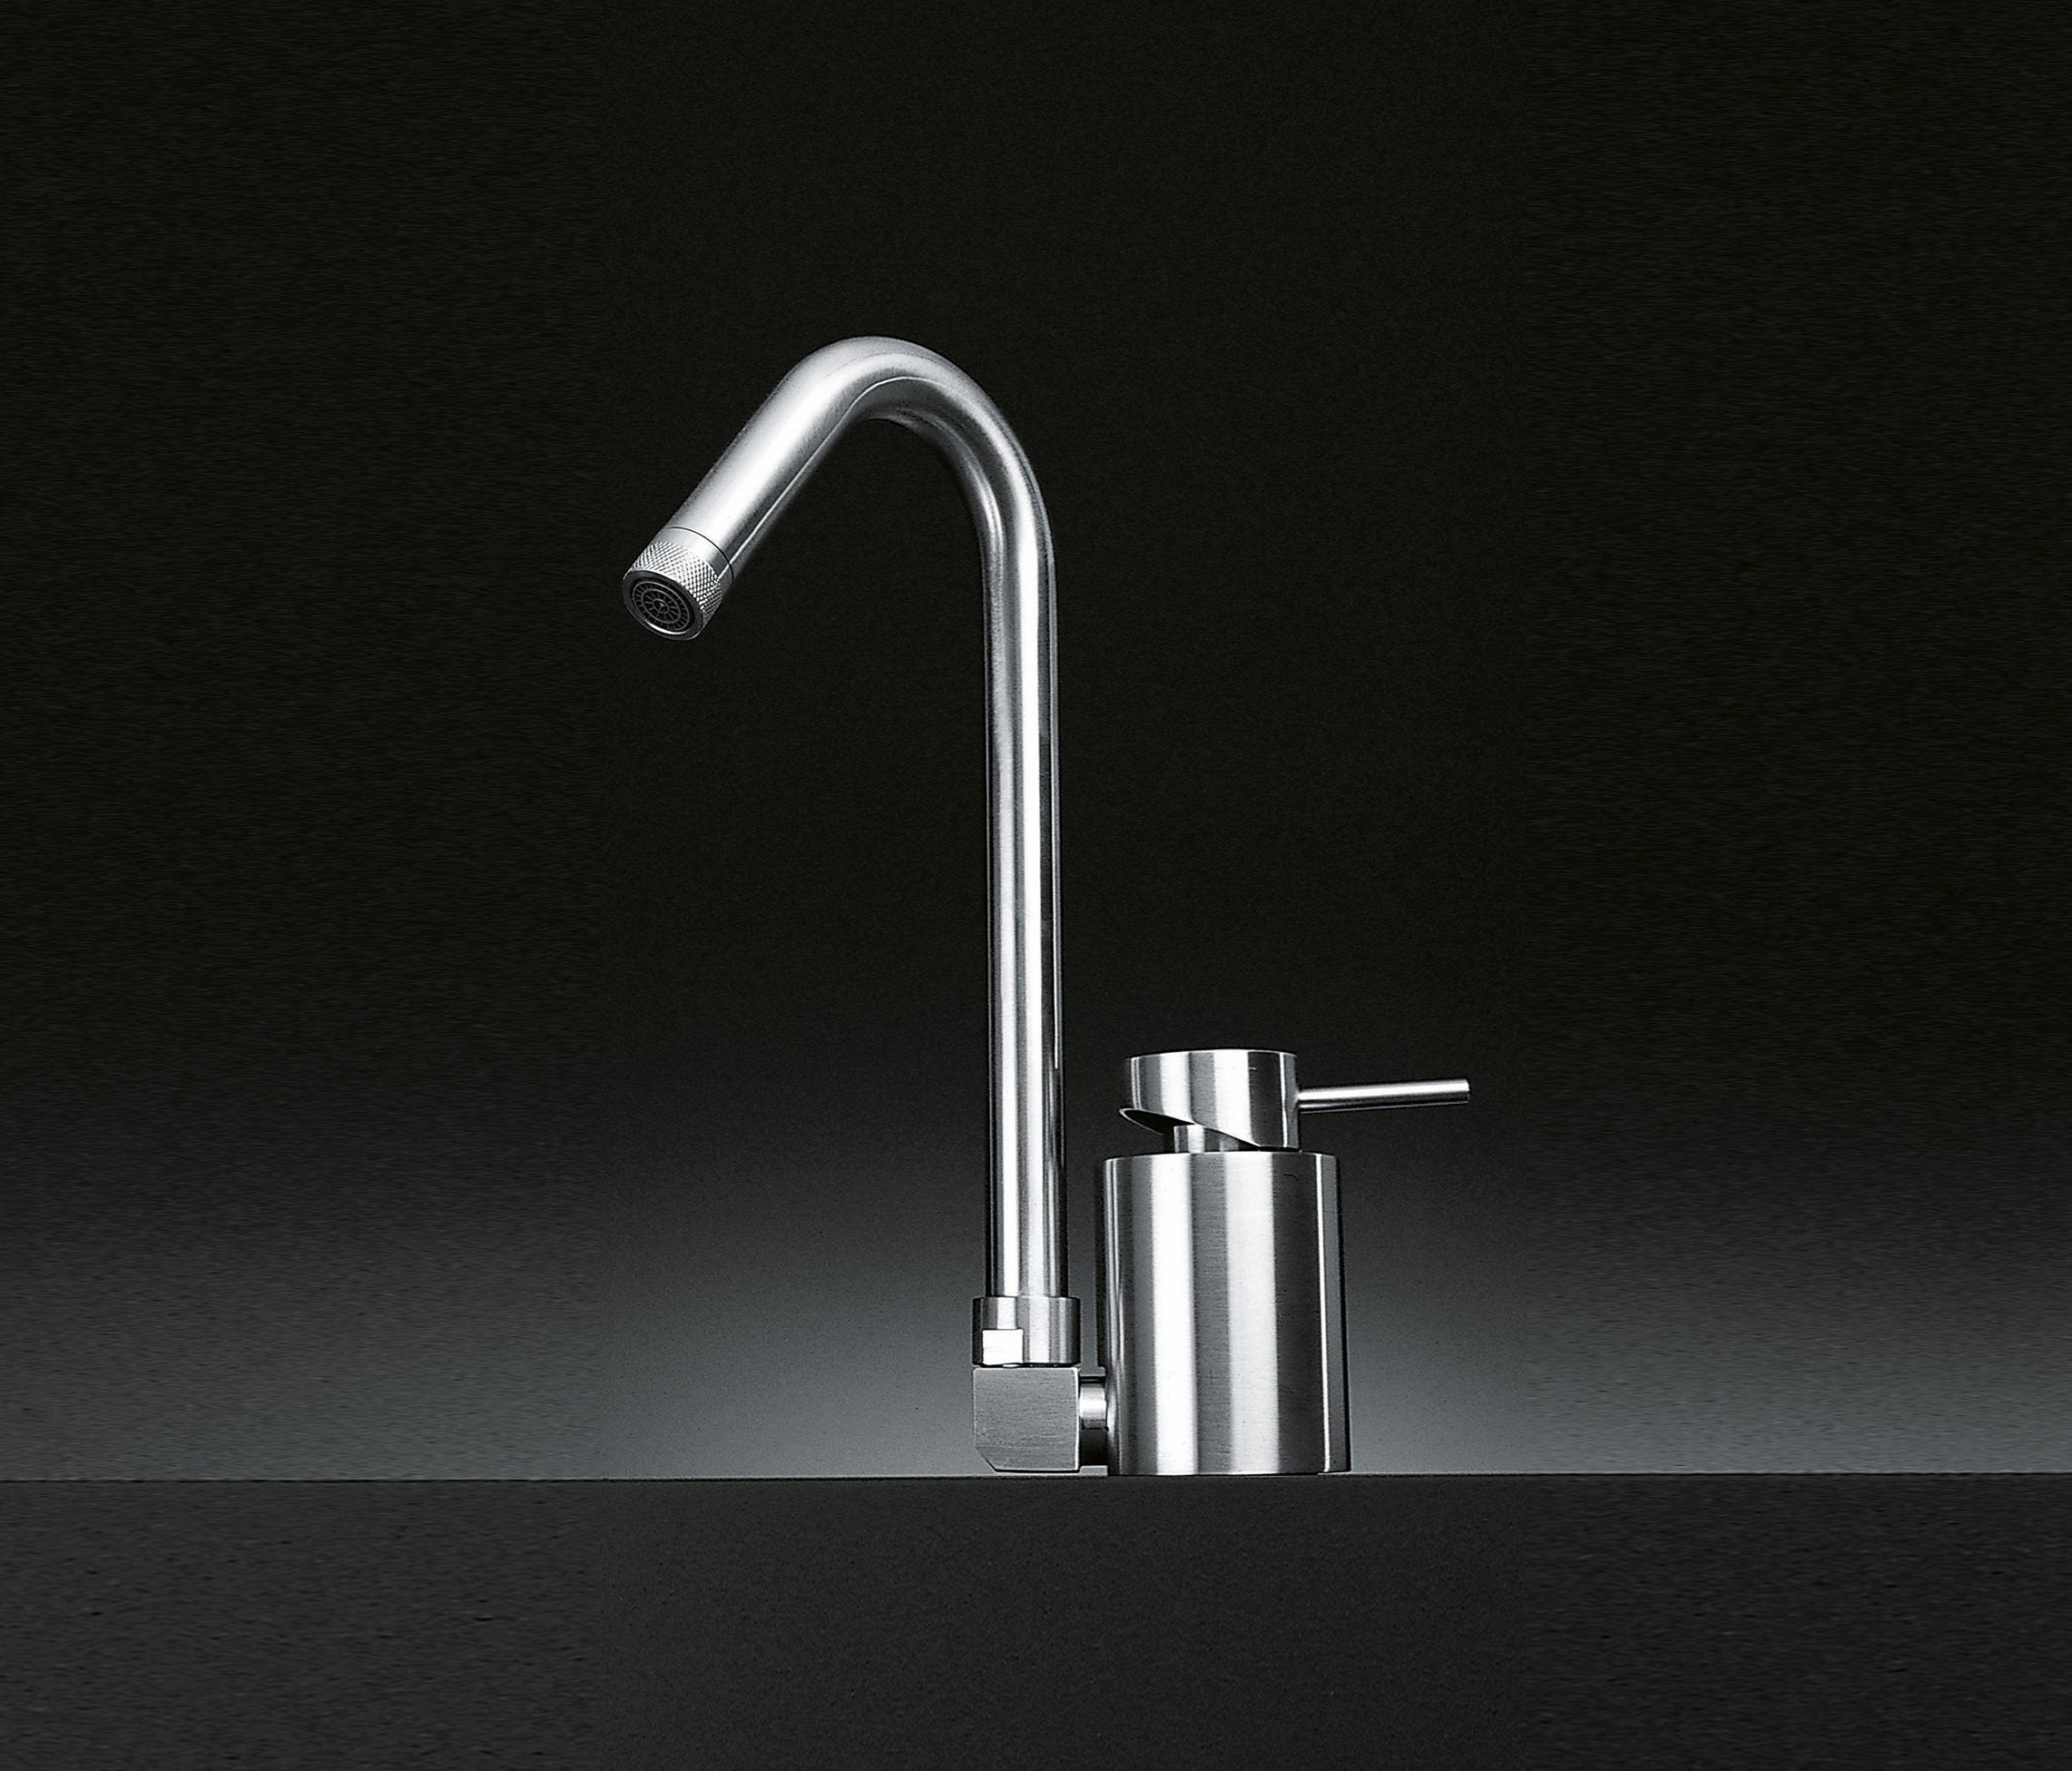 Minimal wash basin taps from boffi architonic for Immagini minimal